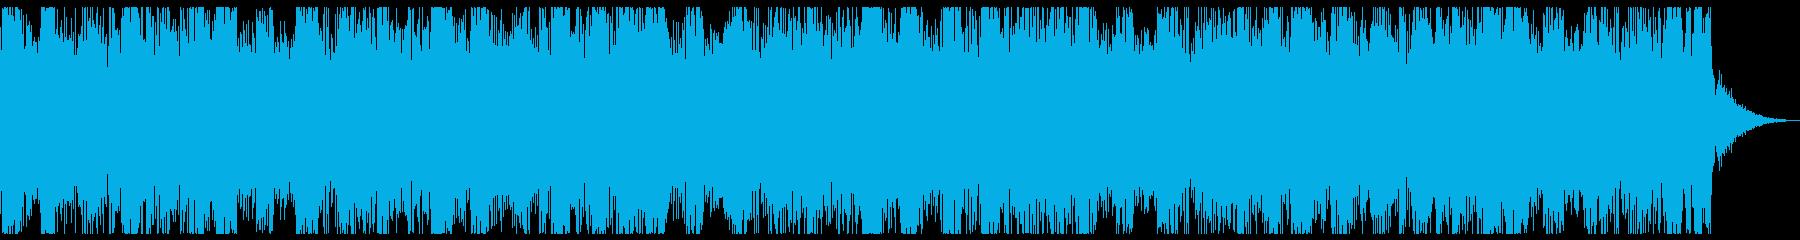 爽やかで透明感のあるジングルの再生済みの波形